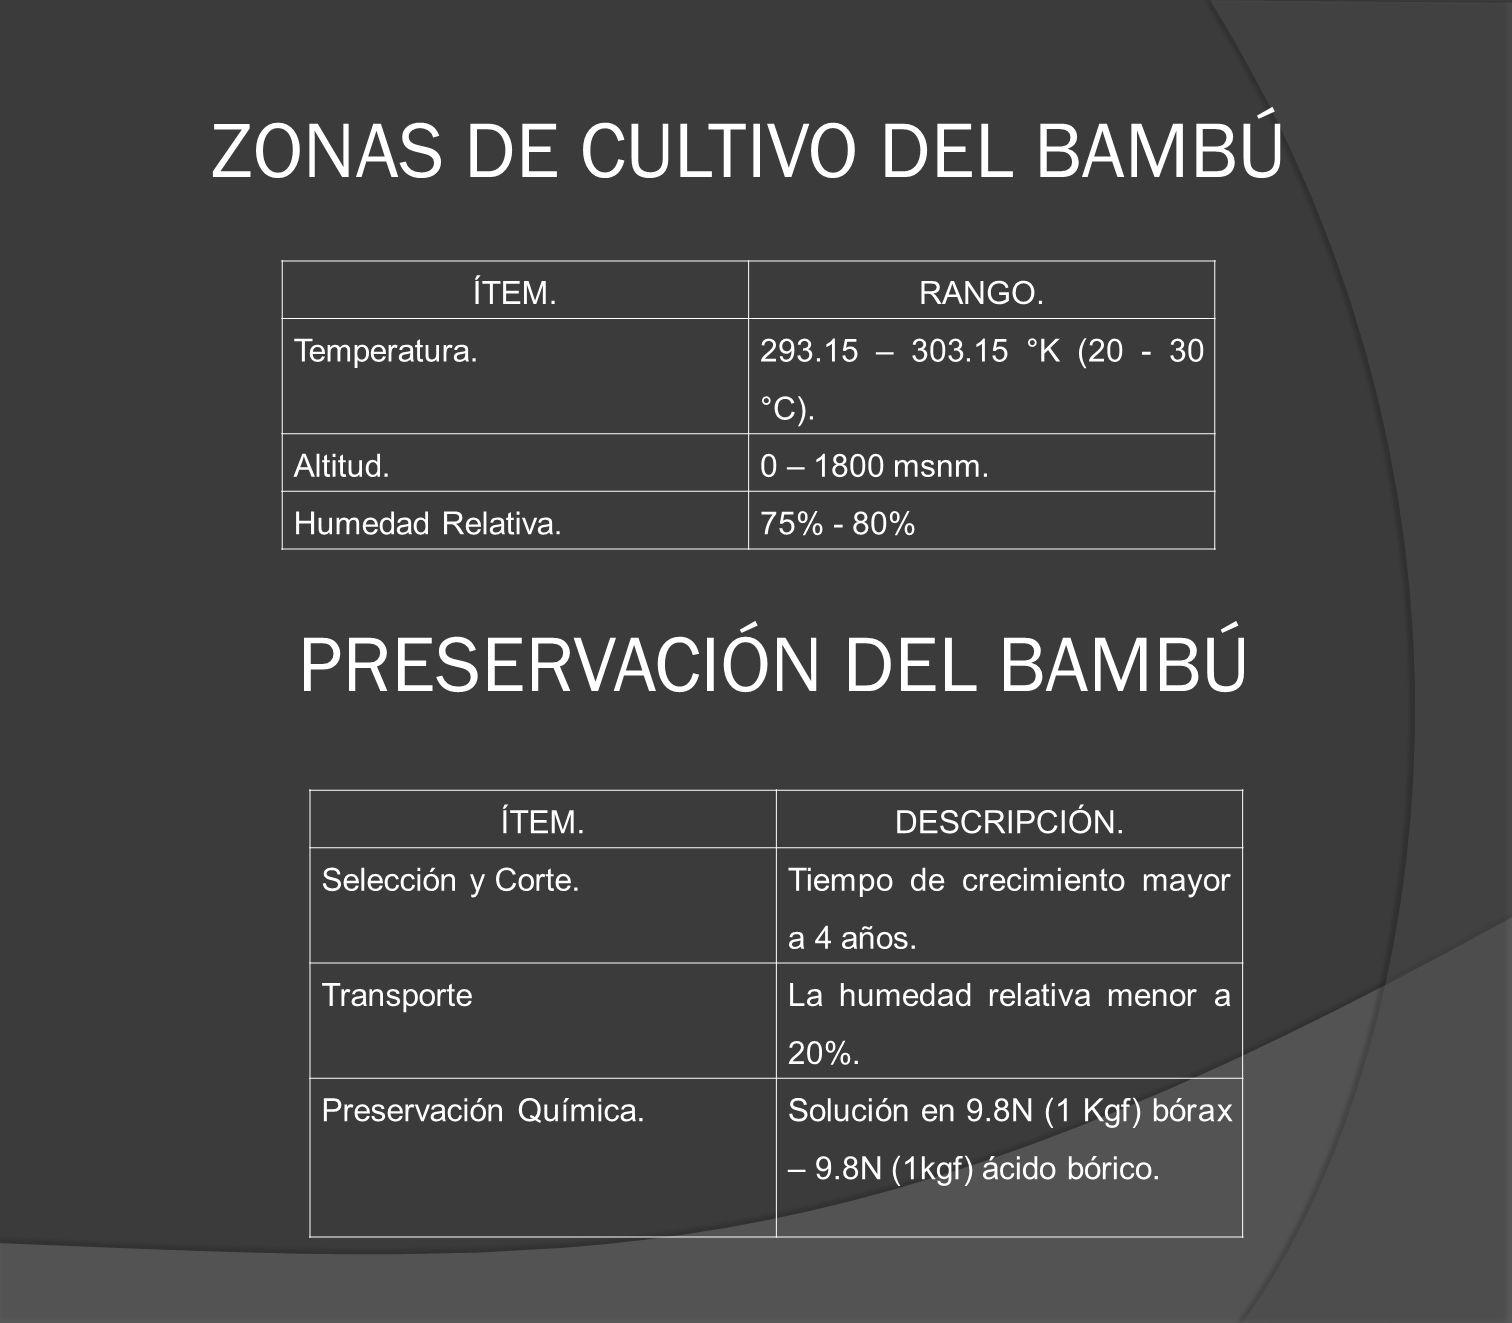 PRESERVACIÓN DEL BAMBÚ ÍTEM.RANGO. Temperatura. 293.15 – 303.15 °K (20 - 30 °C). Altitud.0 – 1800 msnm. Humedad Relativa.75% - 80% ZONAS DE CULTIVO DE